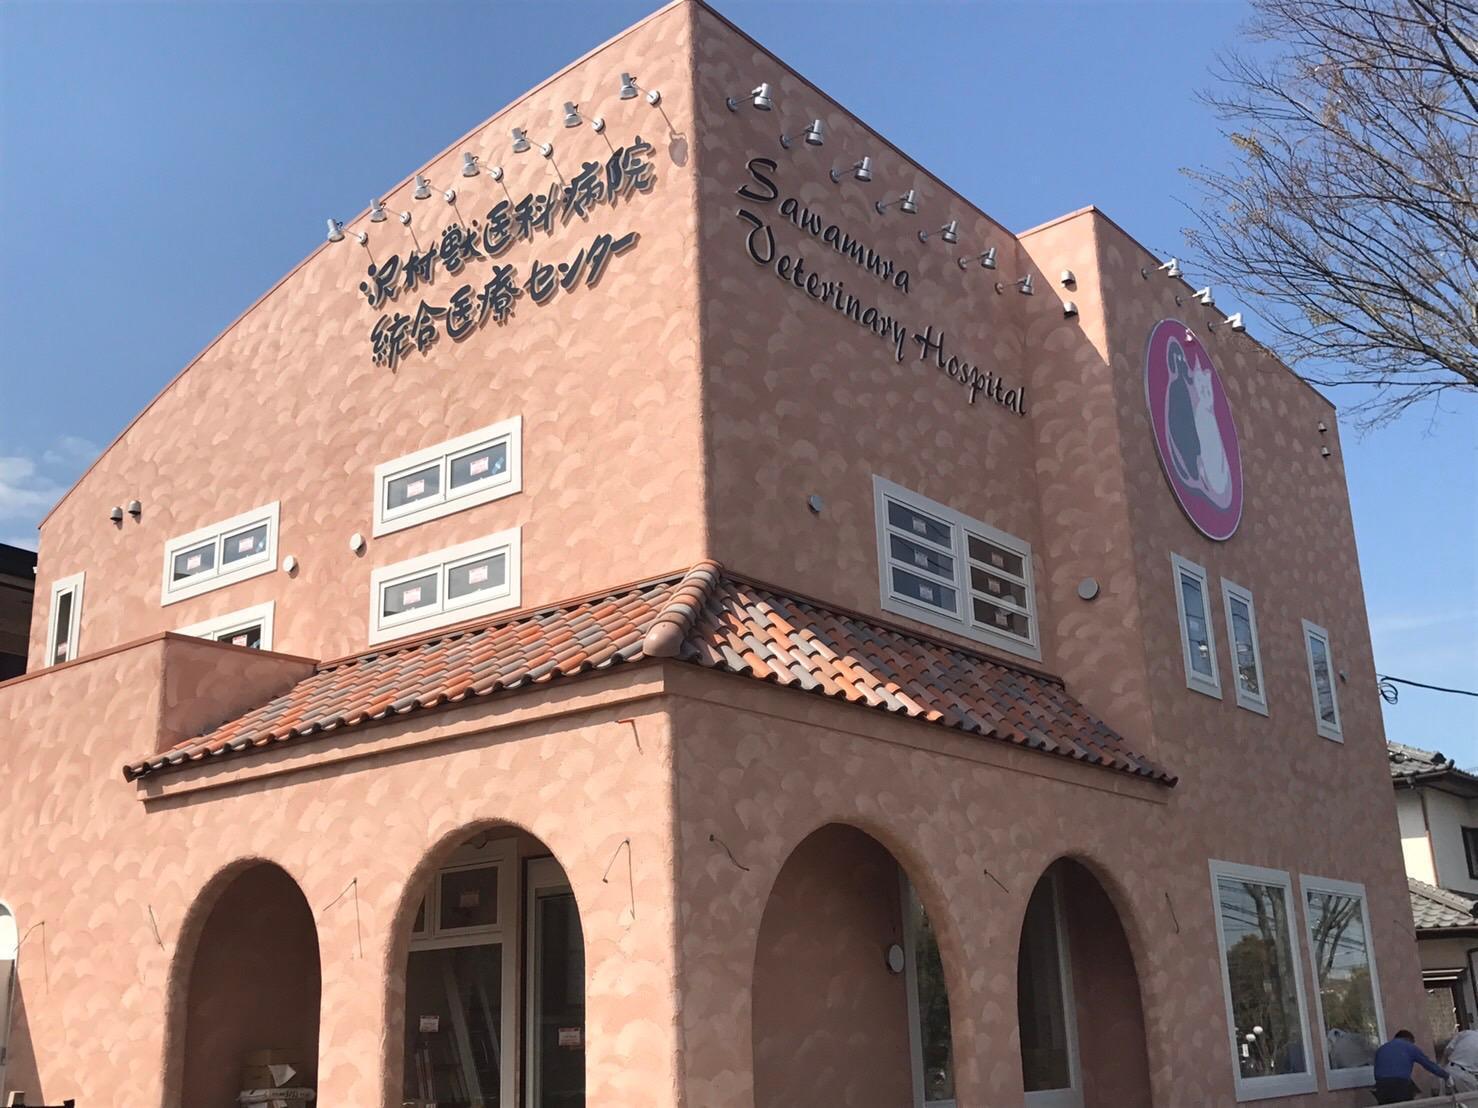 動物統合医療センター(千葉市中央区)と連携をとって質の高い獣医療の提供に努めています